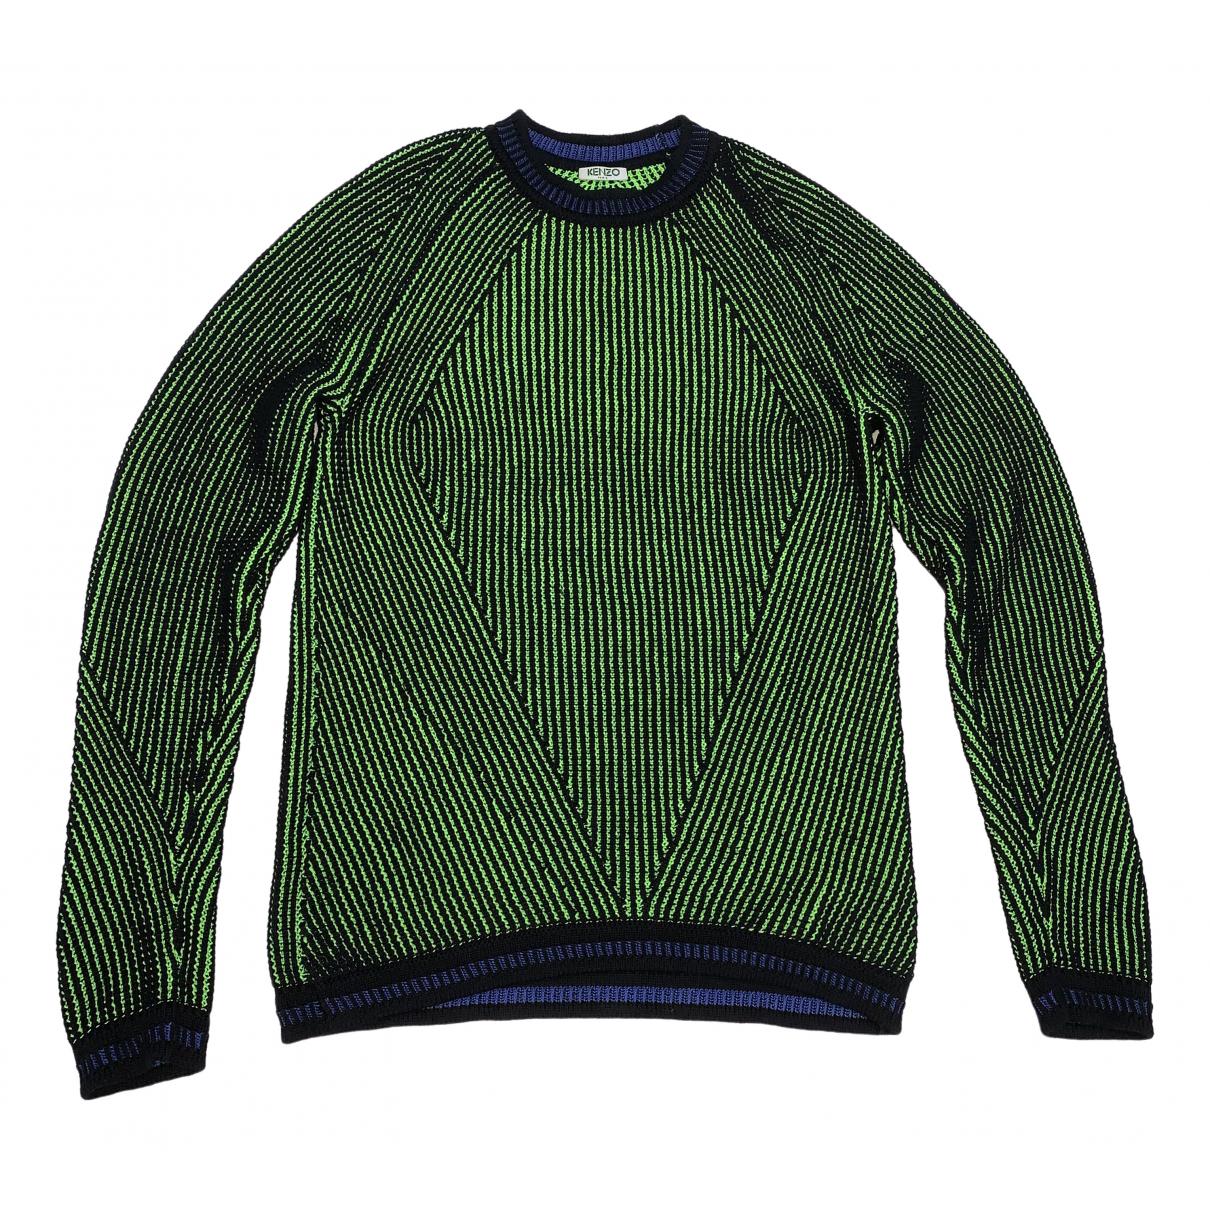 Kenzo - Pulls.Gilets.Sweats   pour homme en coton - vert